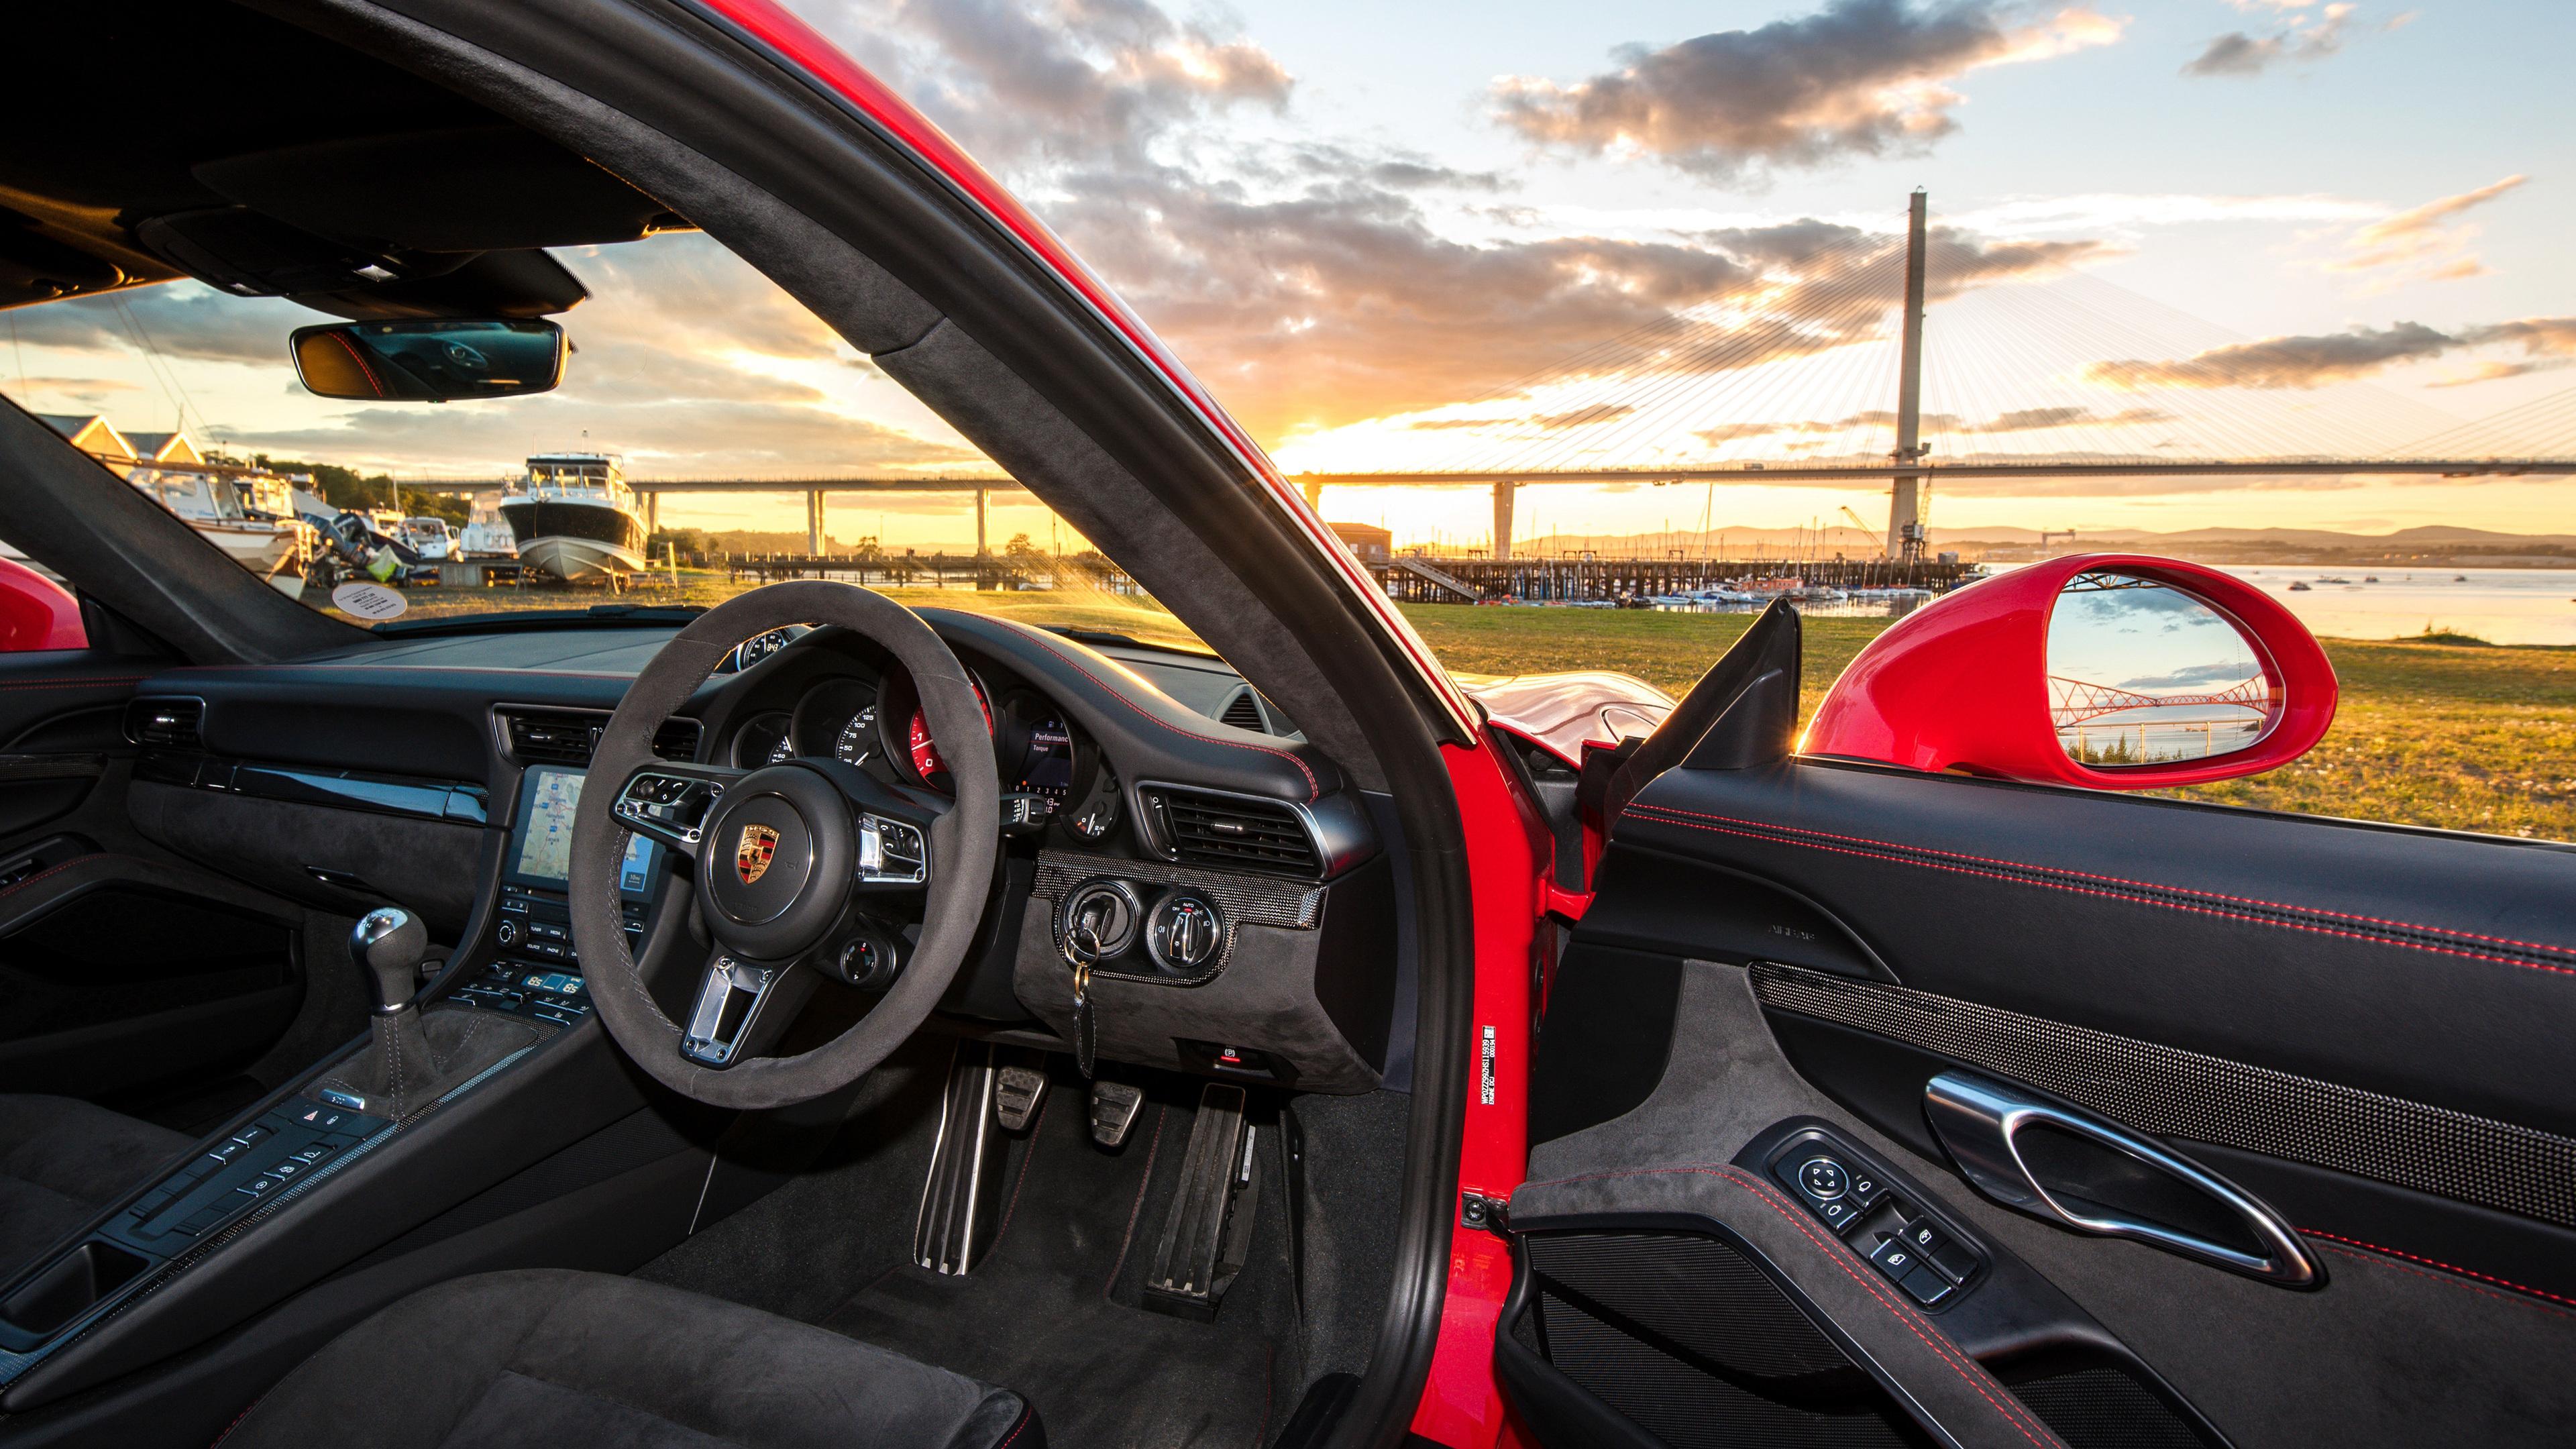 porsche 911 carrera gts coupe interior 1539108531 - Porsche 911 Carrera GTS Coupe Interior - porsche wallpapers, porsche 911 wallpapers, interior wallpapers, hd-wallpapers, cars wallpapers, 4k-wallpapers, 2017 cars wallpapers